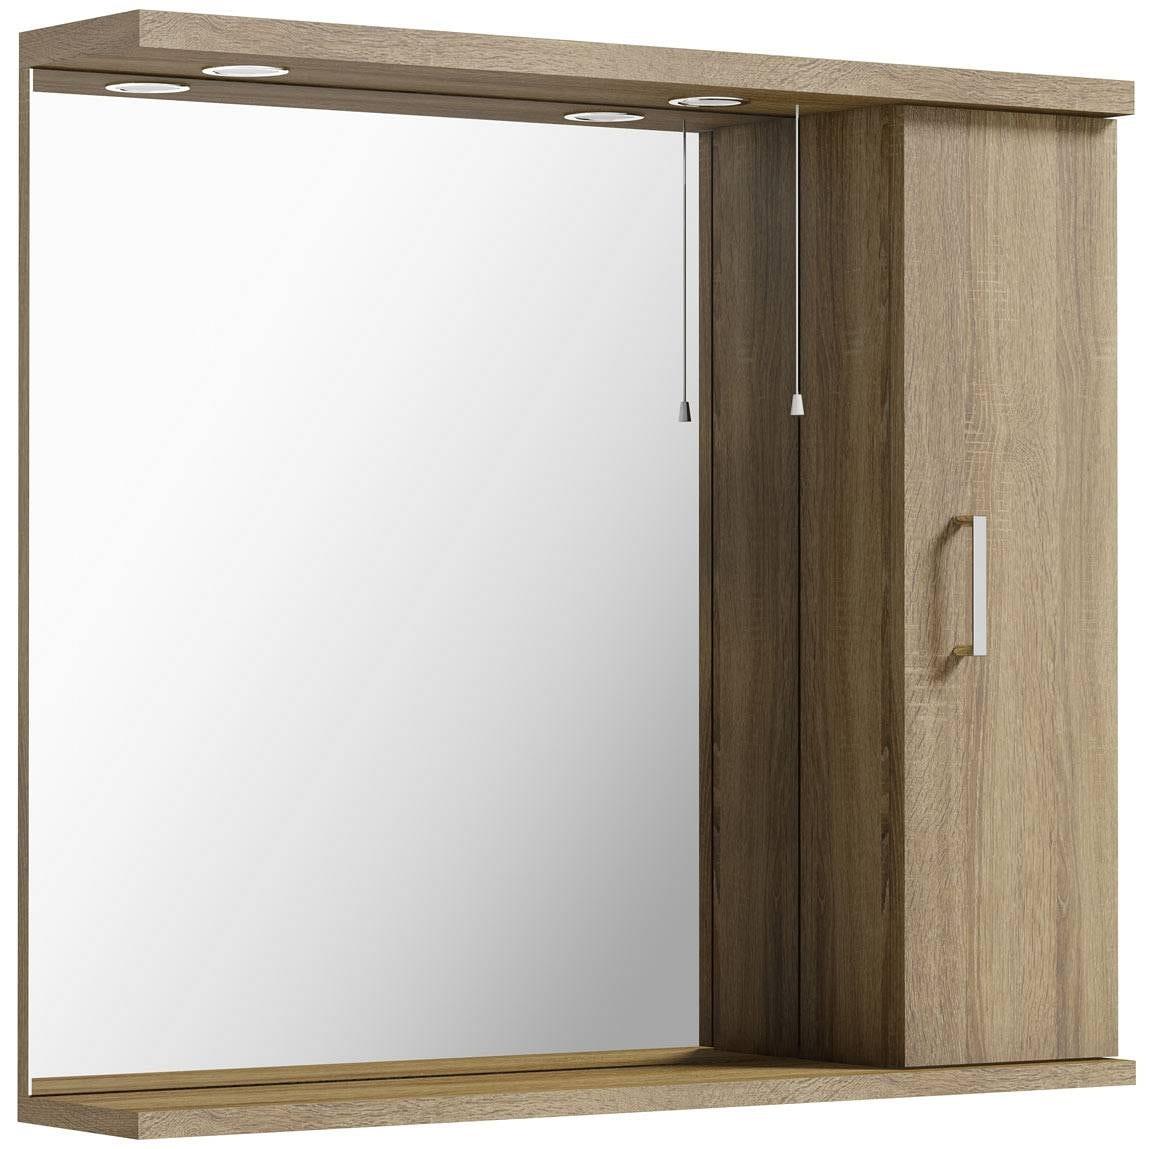 Sienna Oak 85 Mirror with lights